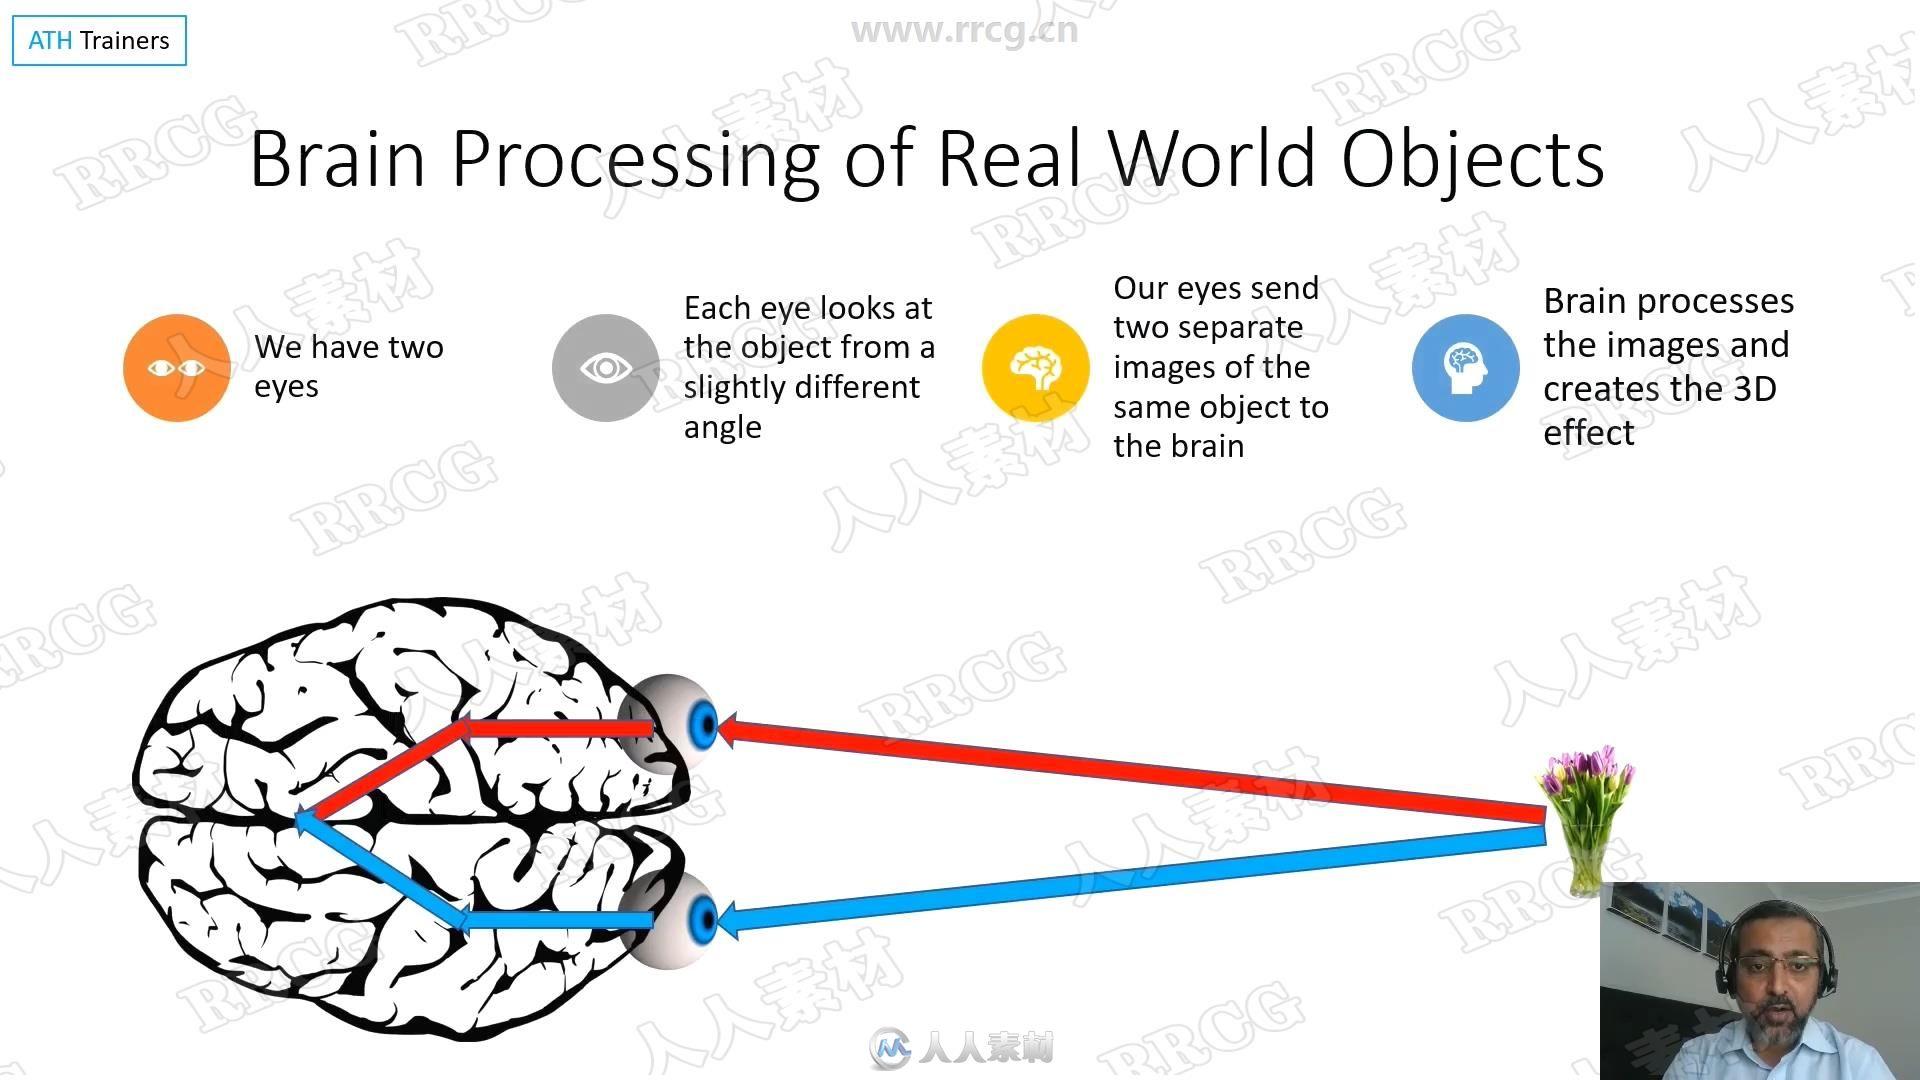 普通照片转换为逼真3D照片技术训练视频教程